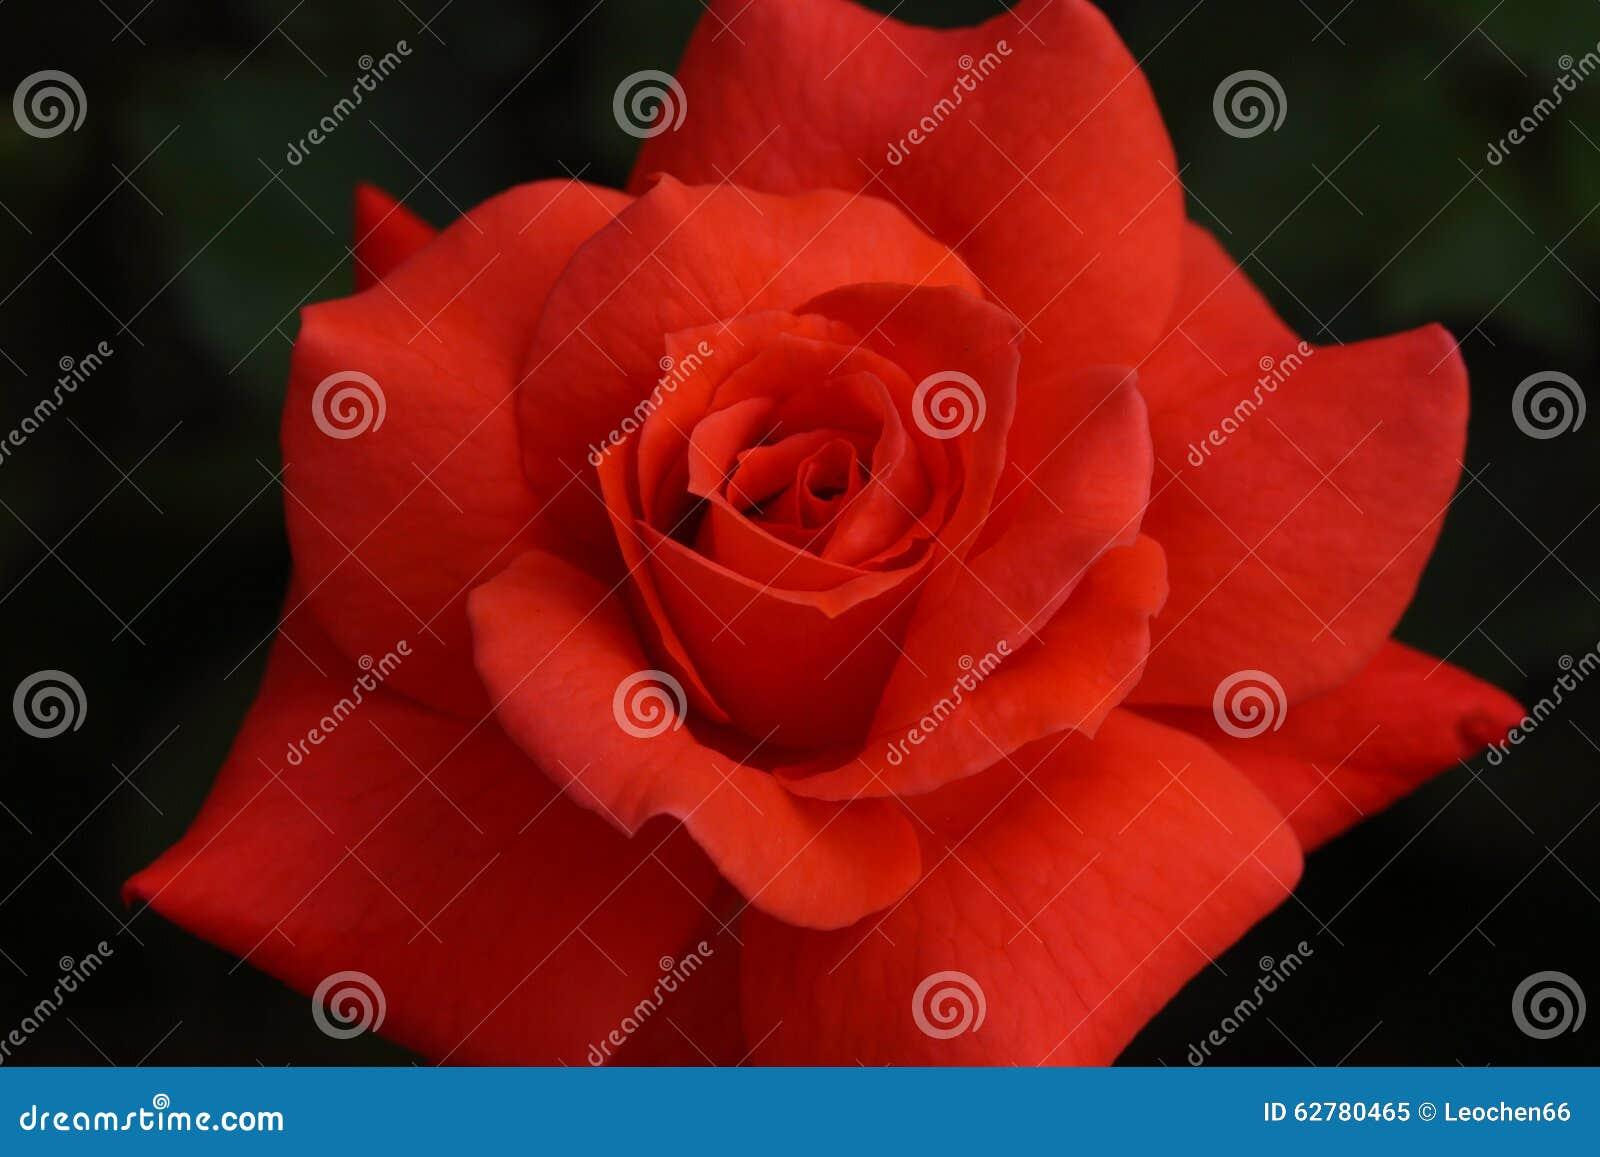 Rose Stock Photo Image 62780465